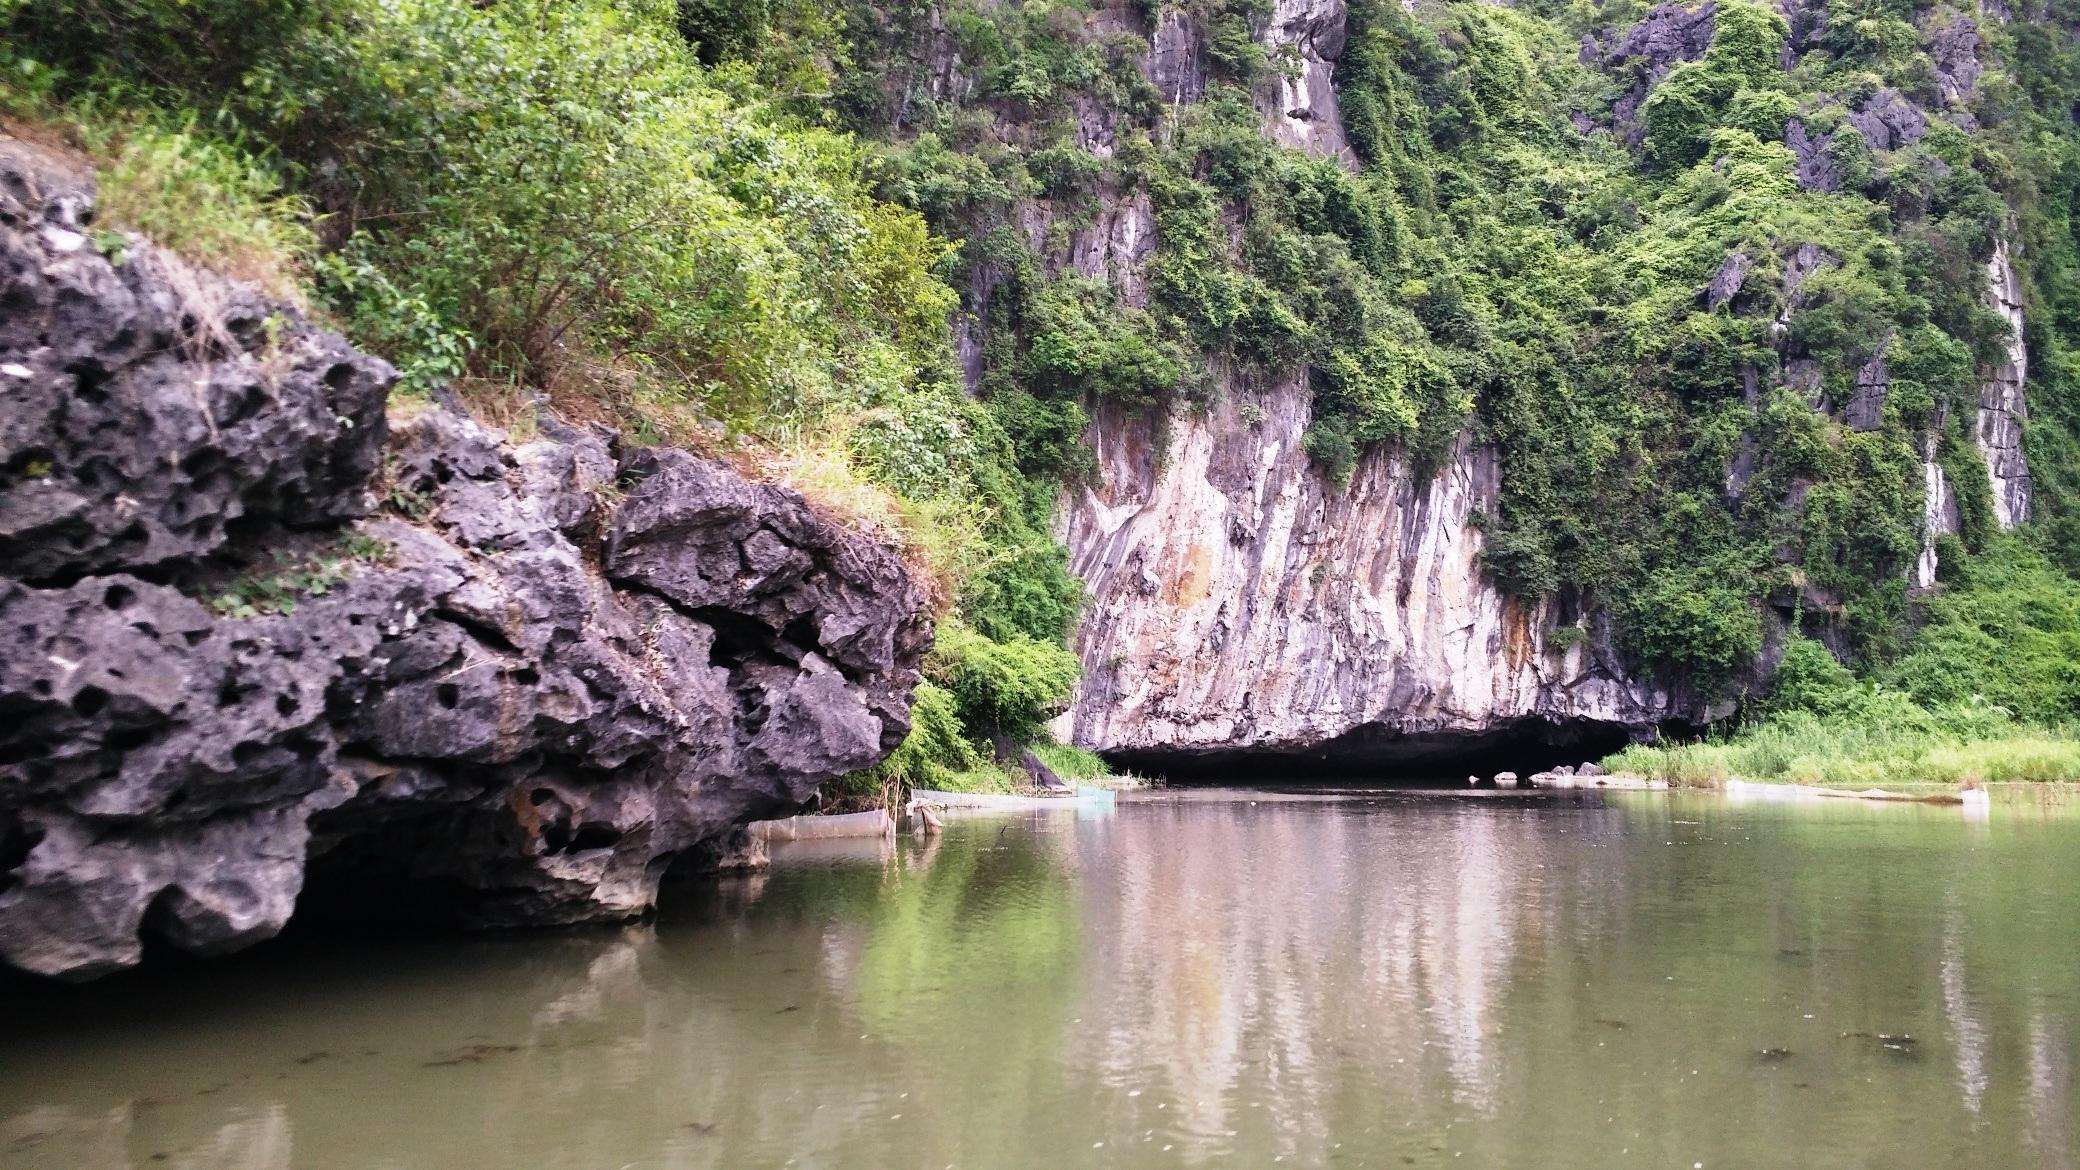 Khu du lịch Tam Cốc - Bích Động tuy đưa vào khai thác du lịch những vẫn được giữ nguyên vẻ đẹp hoang sơ, chưa có sự tác động từ con người.